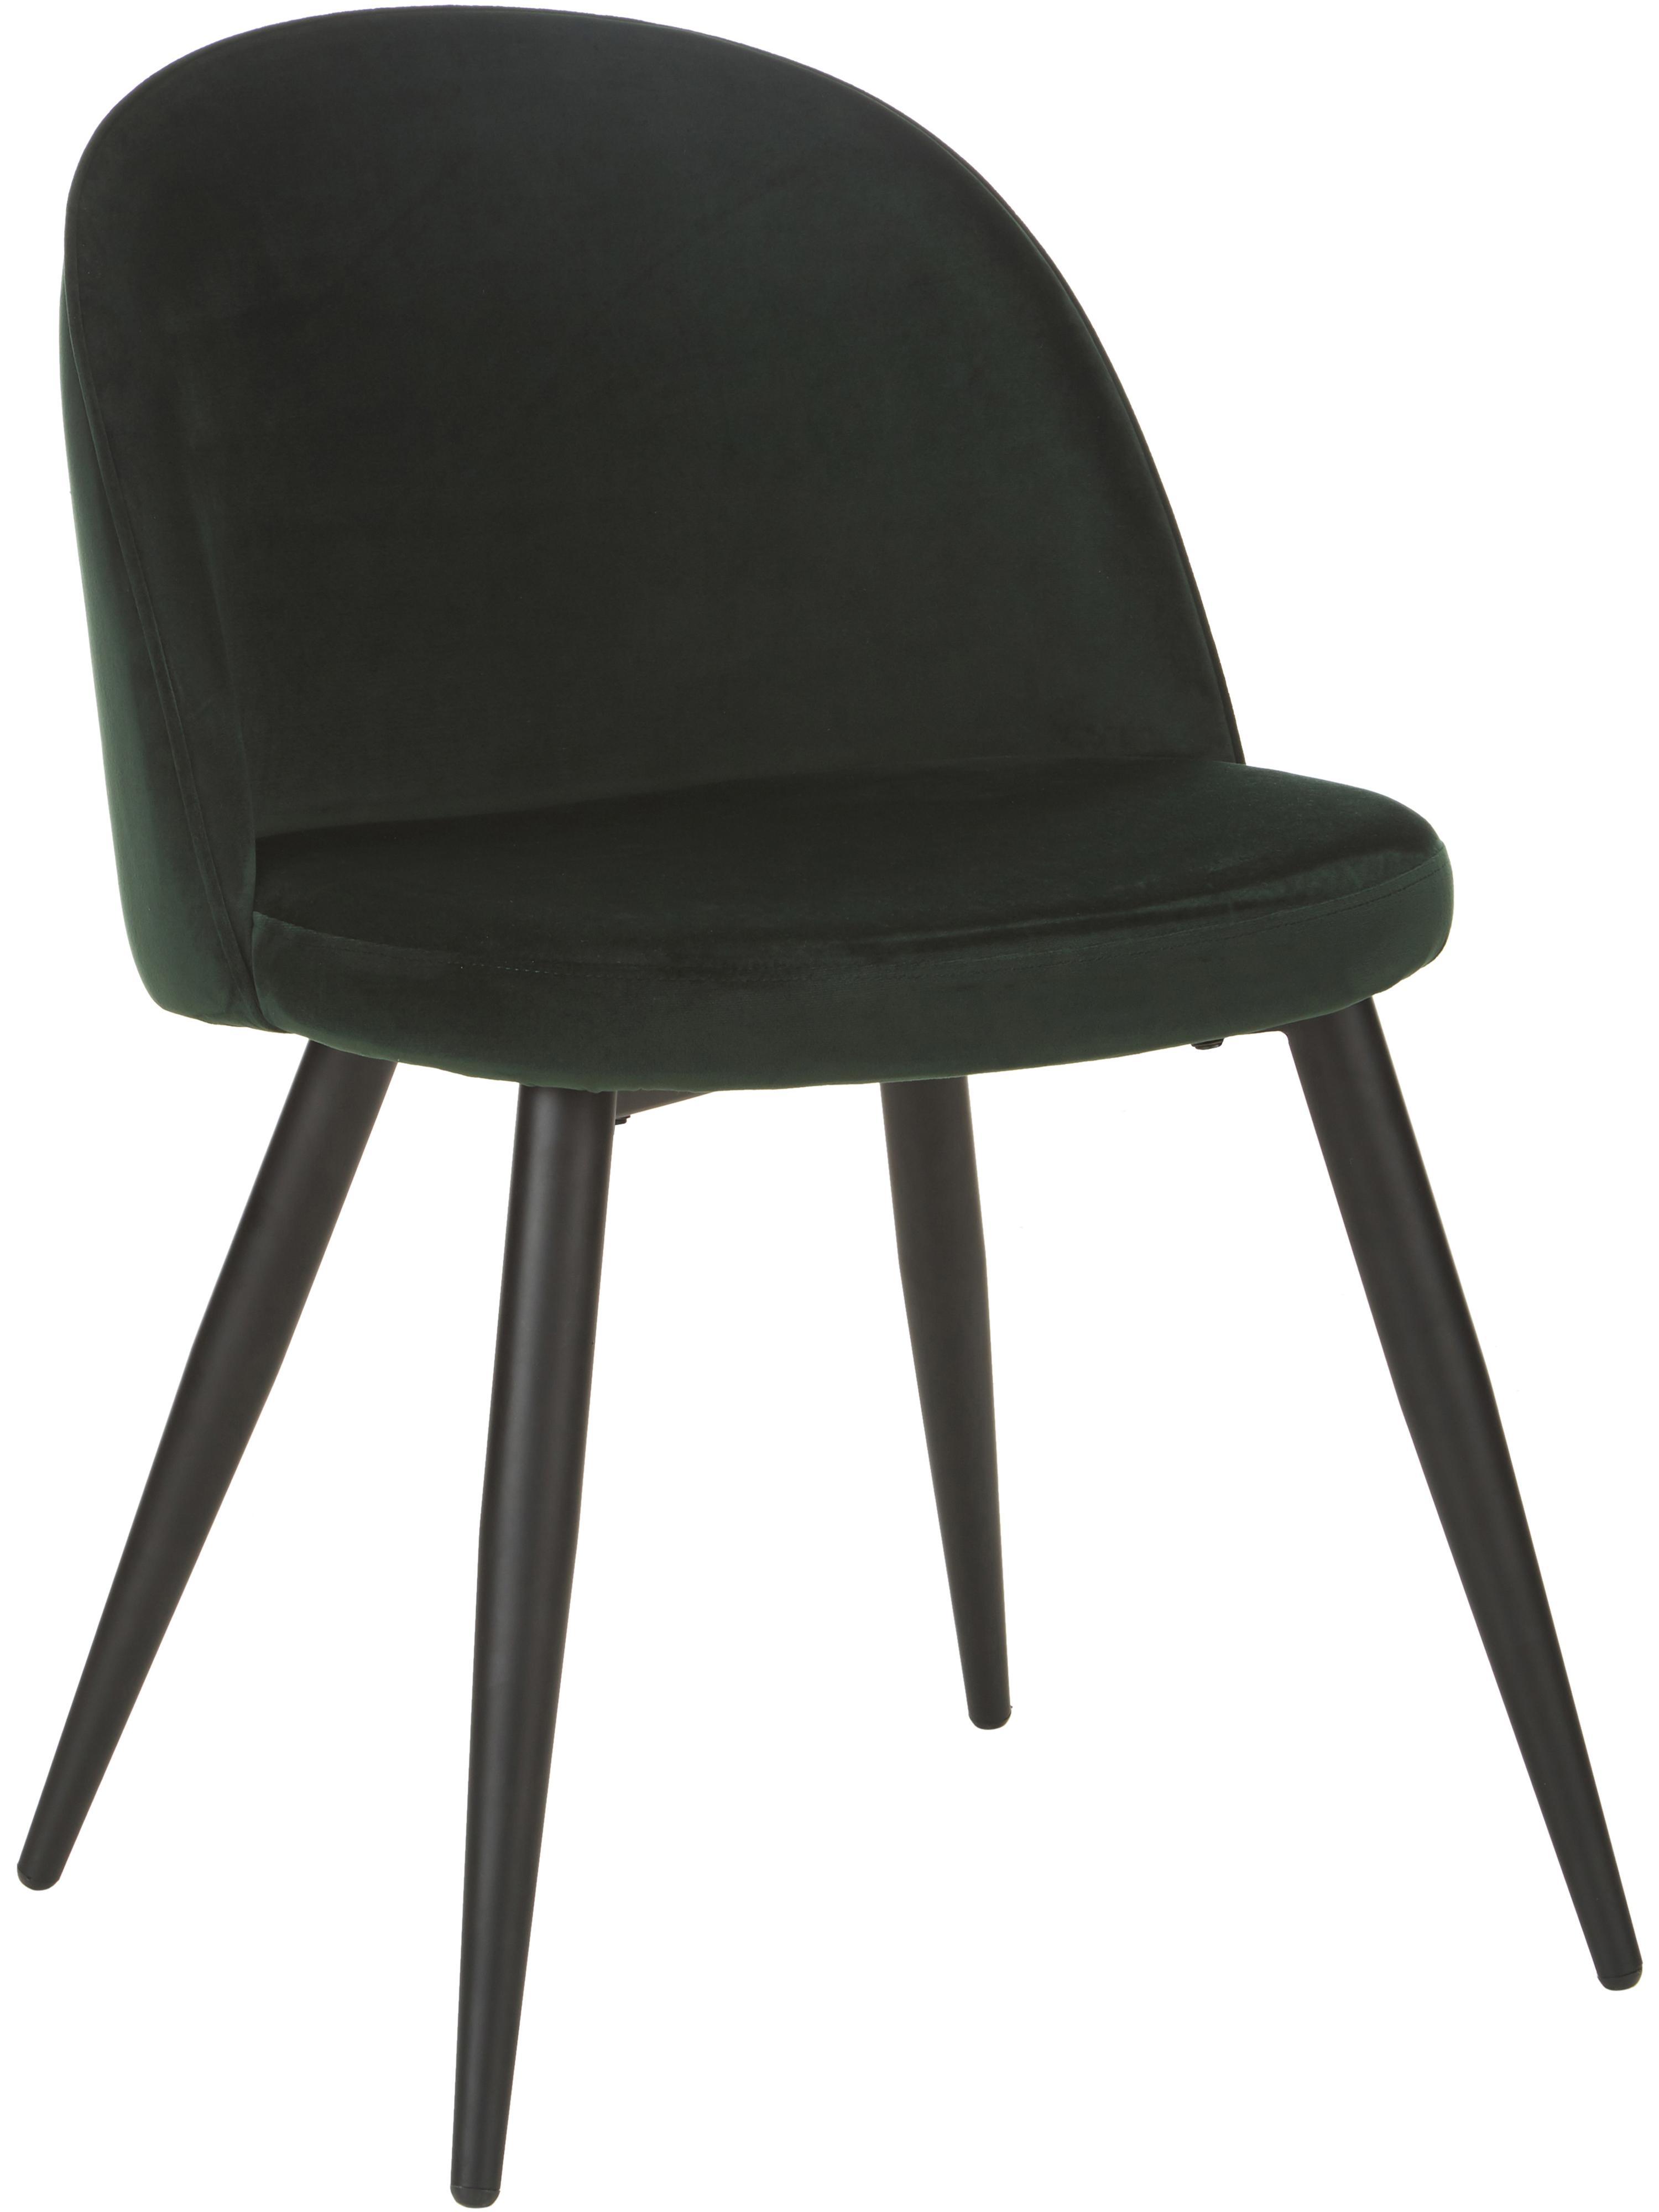 Sedia imbottita in velluto Amy 2 pz, Rivestimento: velluto (poliestere) 25.0, Gambe: metallo verniciato a polv, Verde, Larg. 47 x Prof. 55 cm